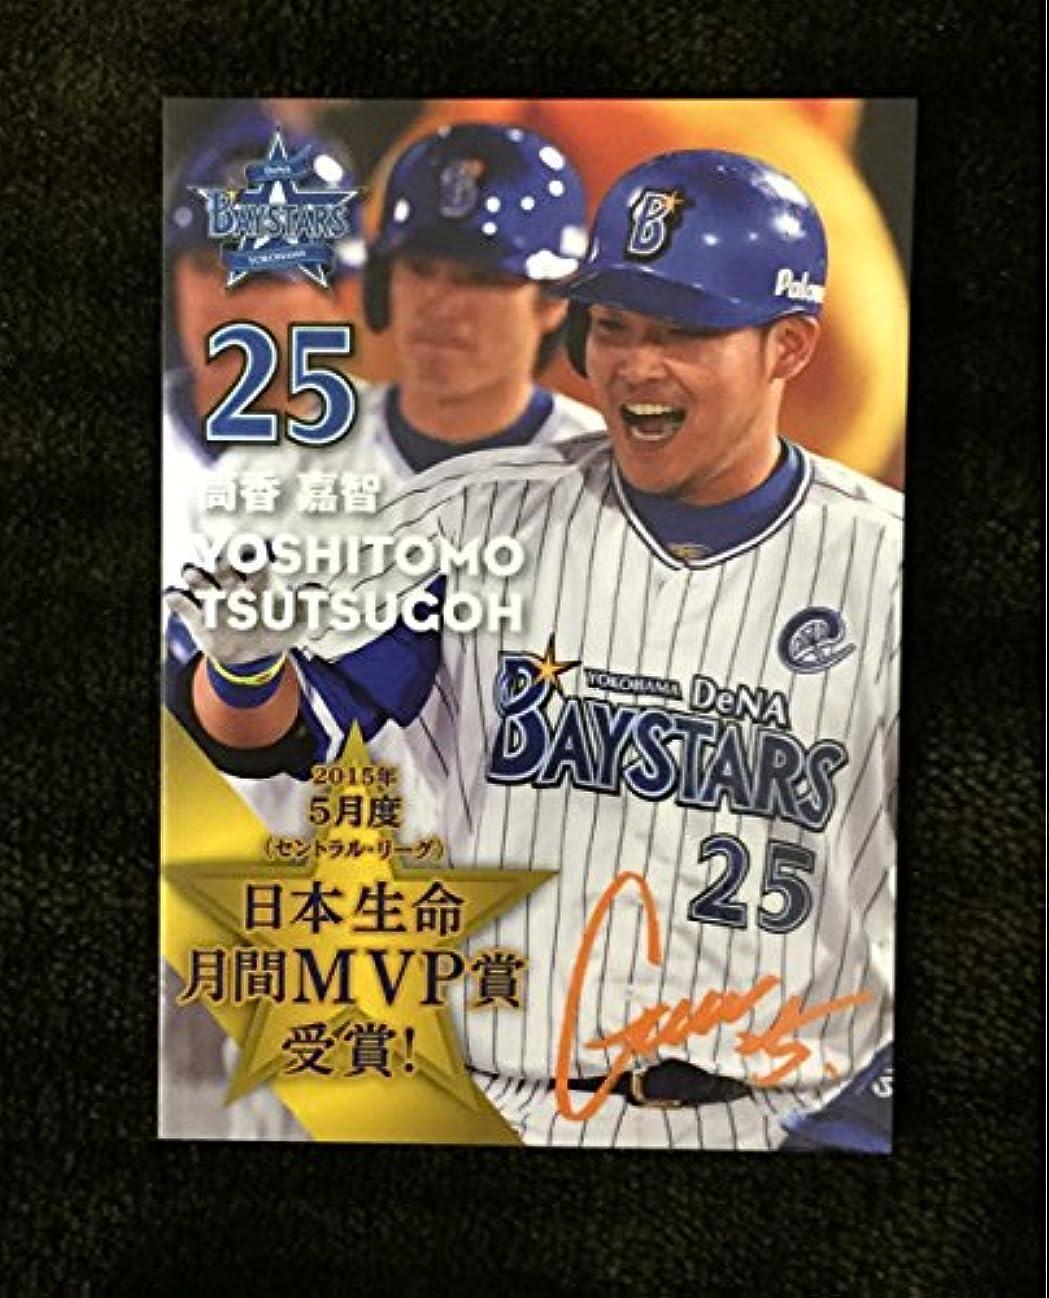 吐き出すばかげている修正する横浜ベイスターズ 月間MVPカード #25筒香嘉智